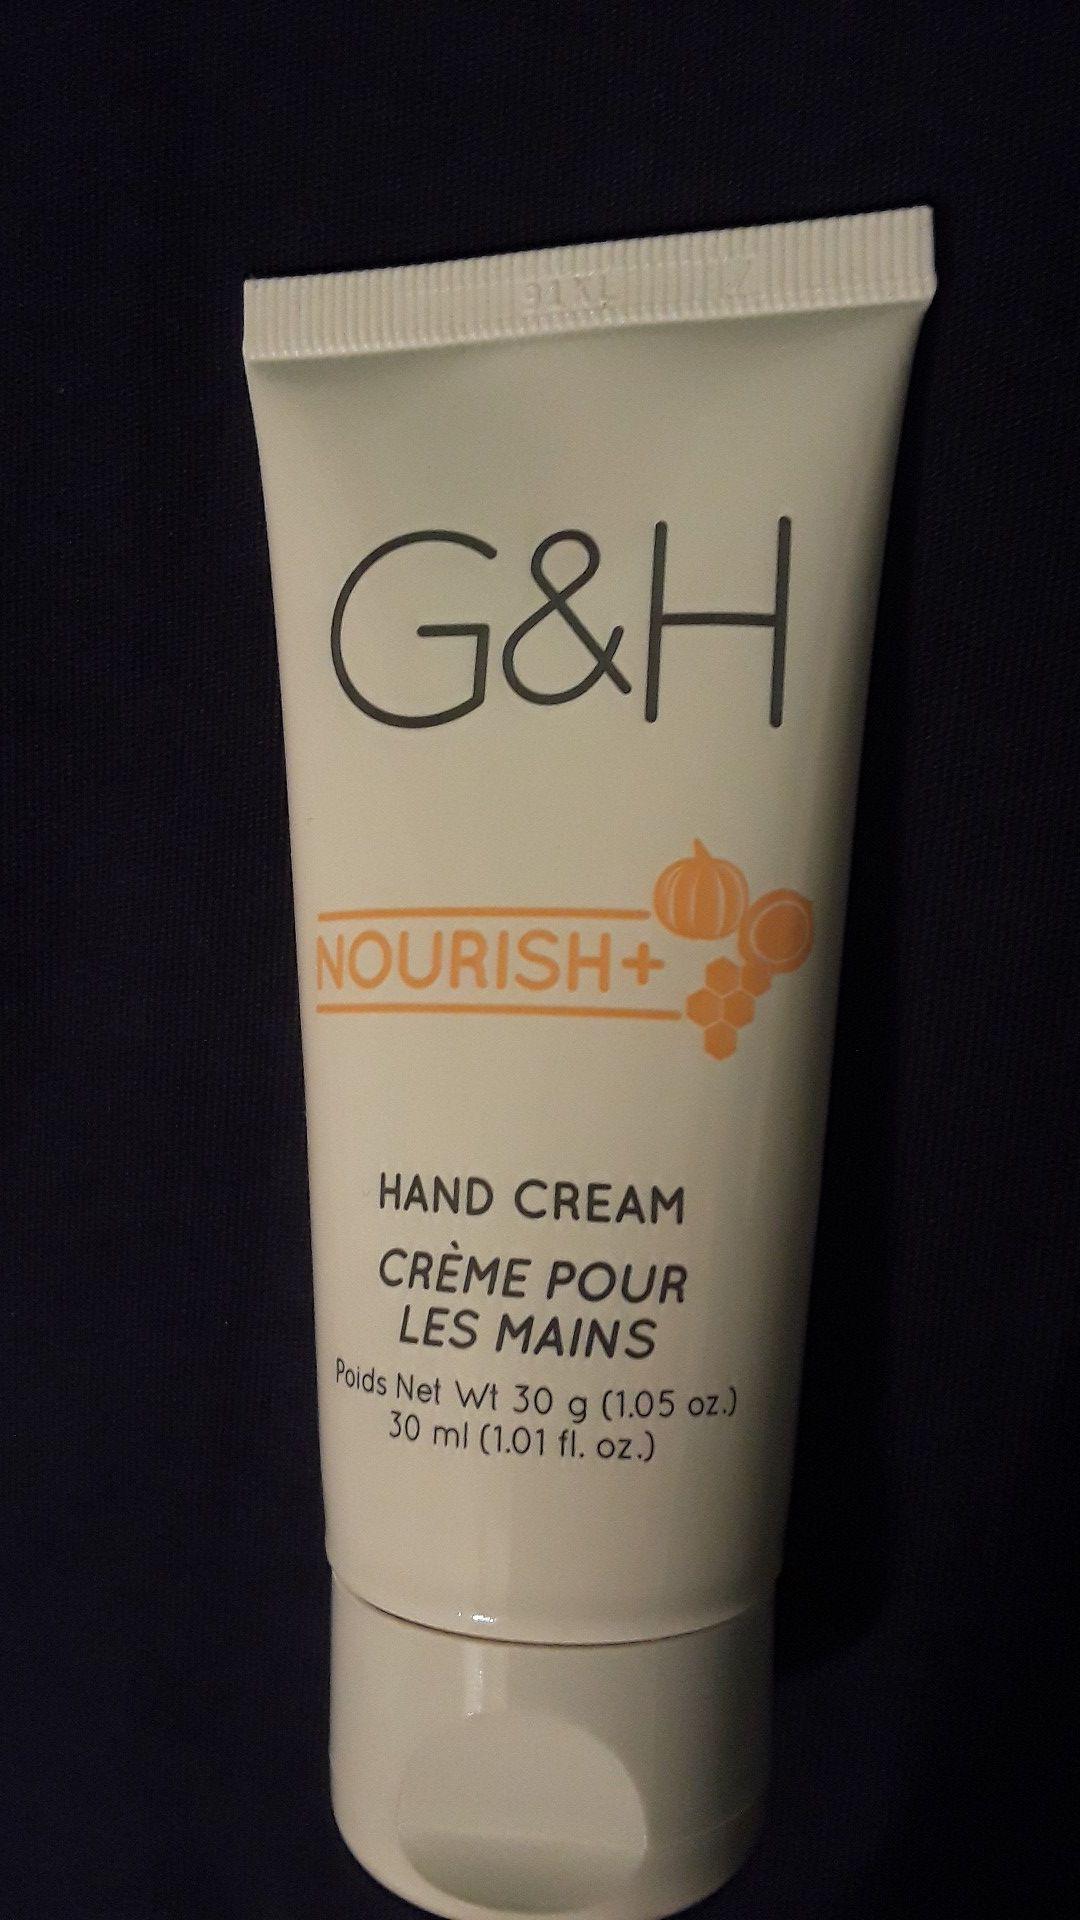 G&H Nourish+ Hand Cream